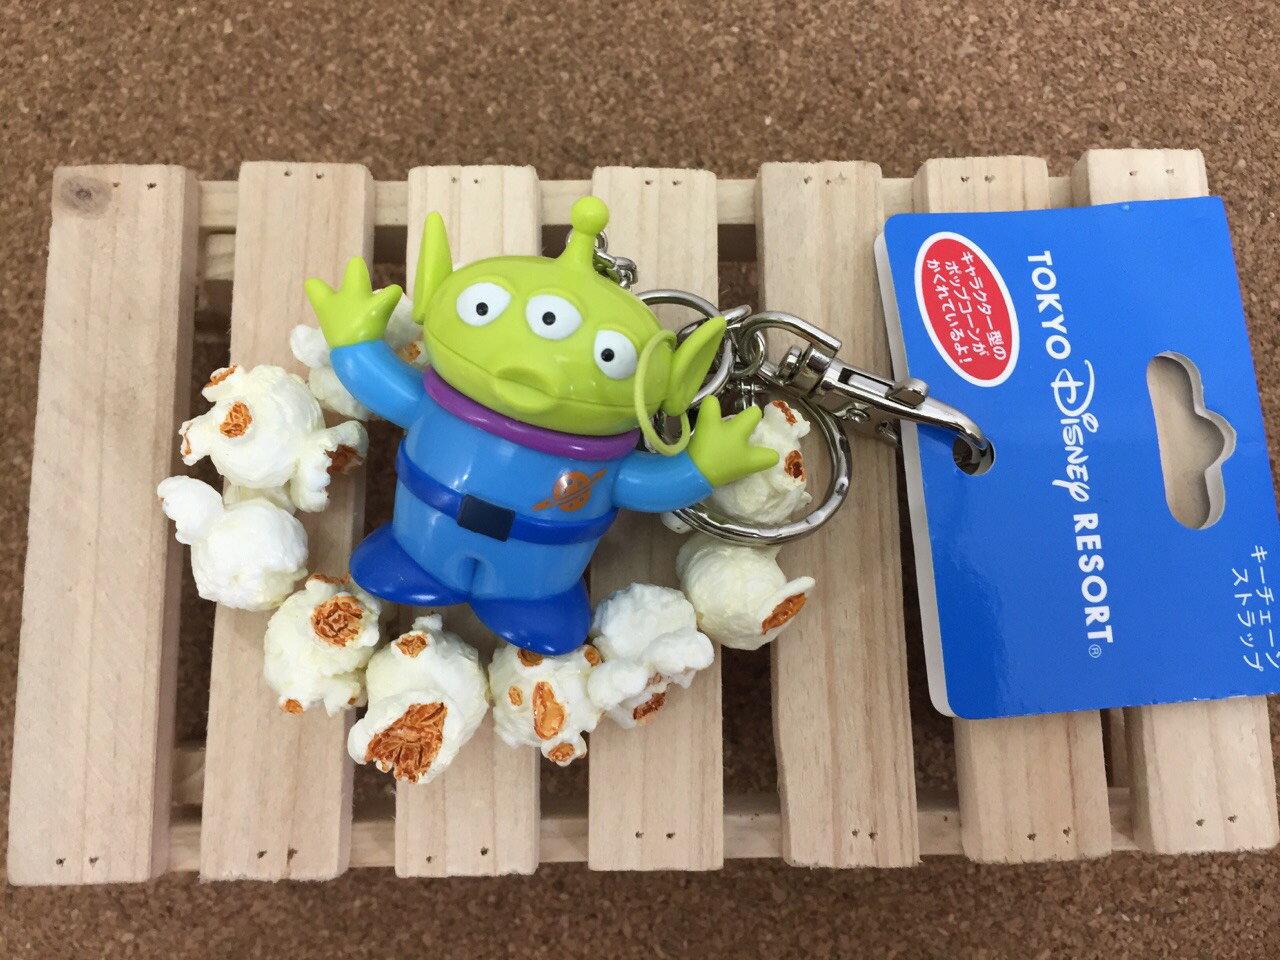 【真愛日本】15061300021 樂園限定鎖圈-爆米花筒三眼怪 迪士尼 玩具總動員 TOY 吊飾 飾品 鑰匙圈 正品 限量 預購